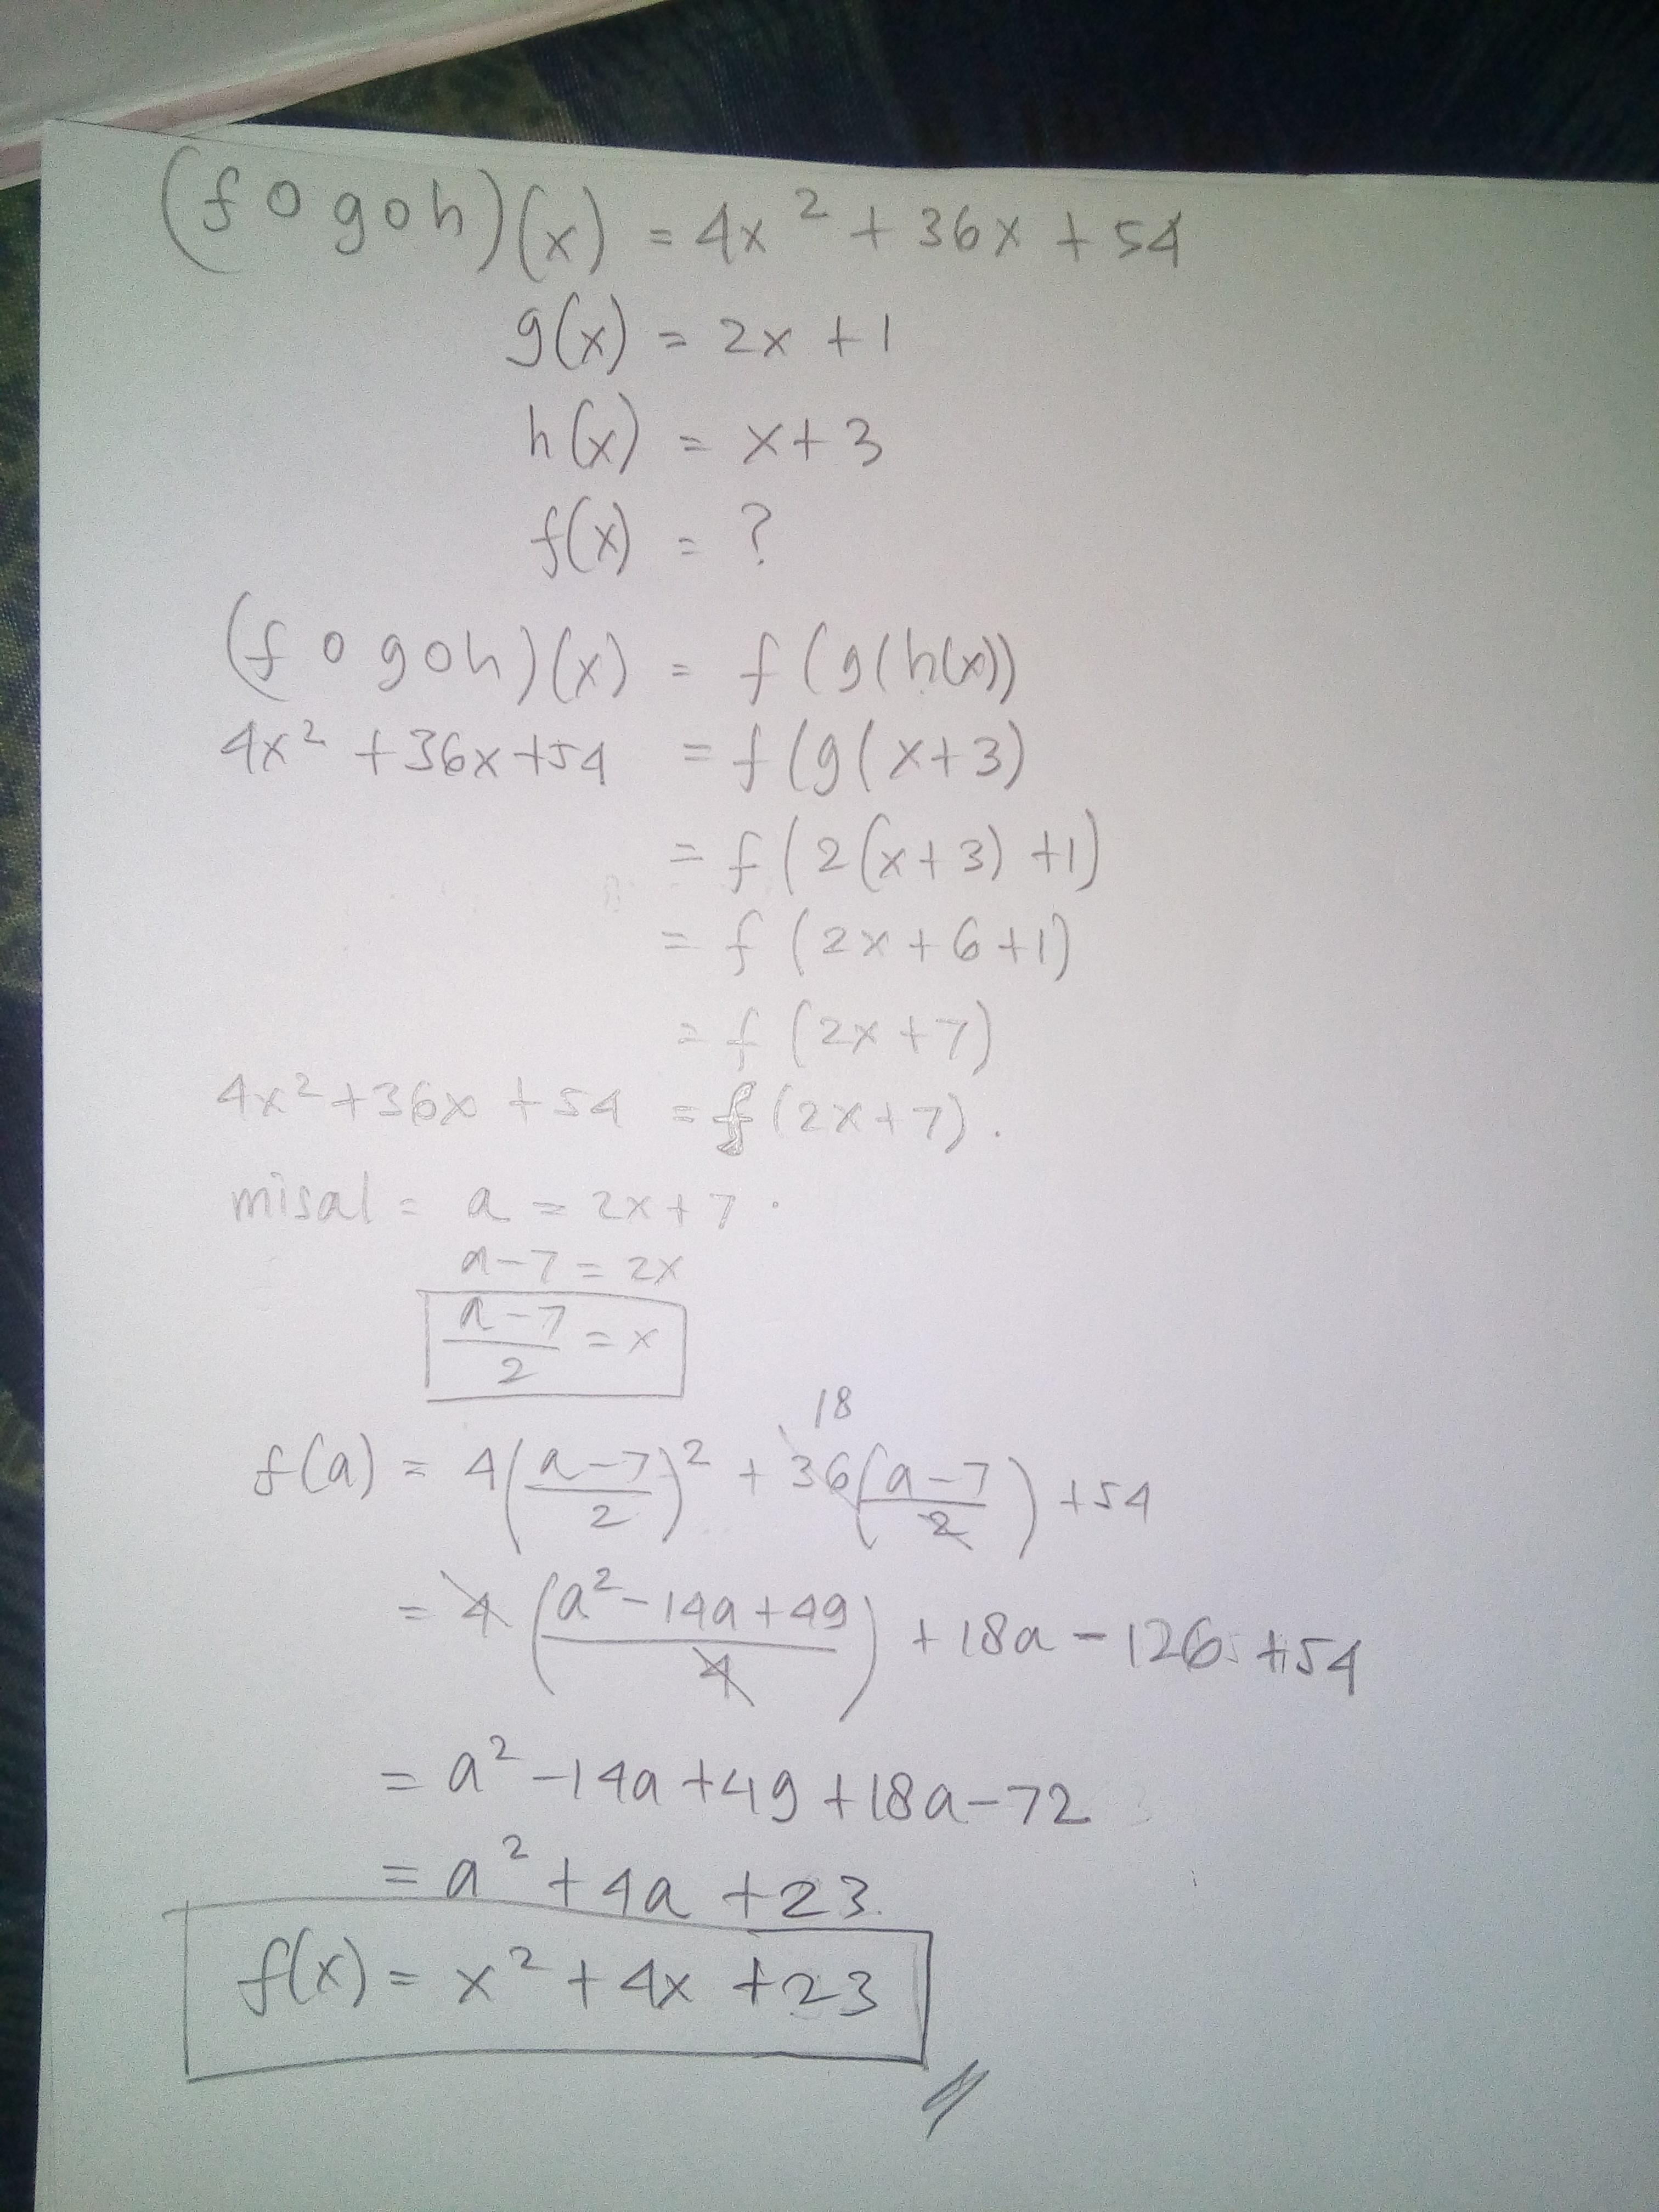 diketahui (f o g o h)(x) = 4x2 +36x +54. Jika g(x) = 2x +1 ...